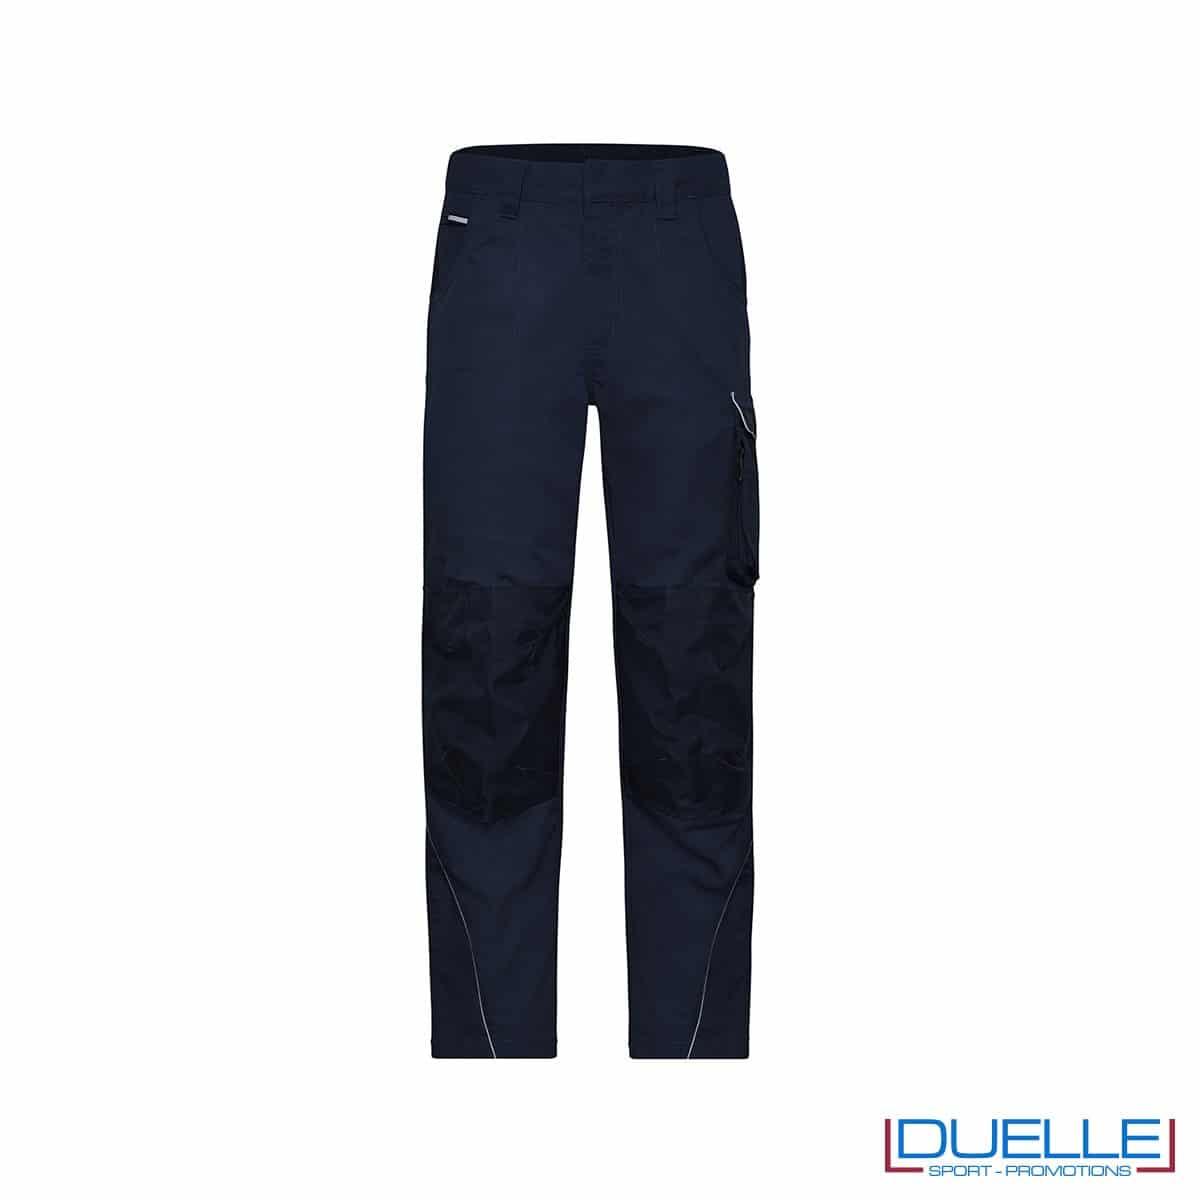 pantalone lungo da lavoro personalizzato in colore blu navy